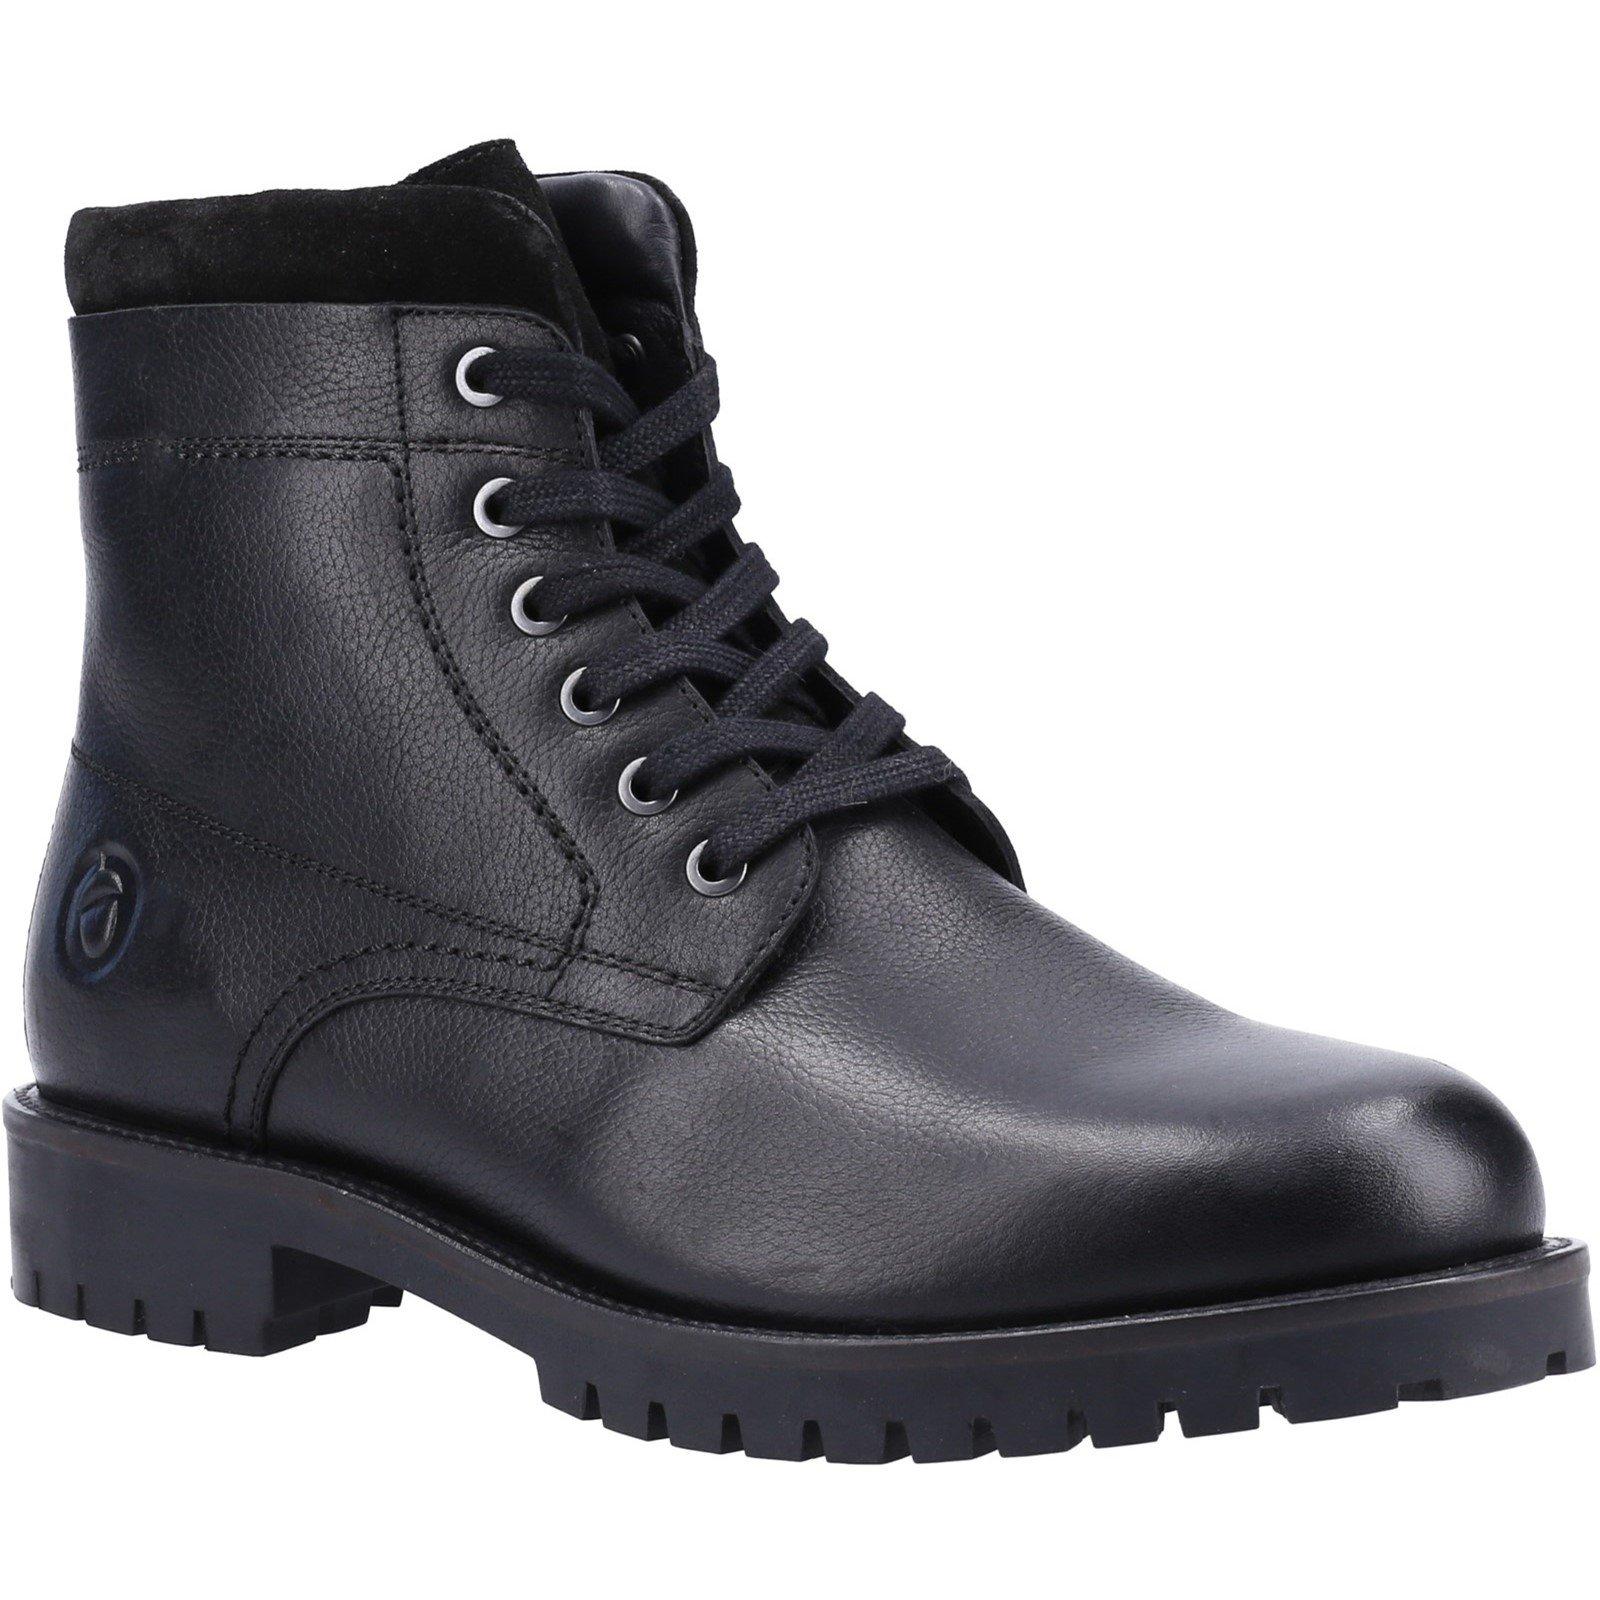 Cotswold Men's Thorsbury Lace Up Shoe Boot Various Colours 32963 - Black 6